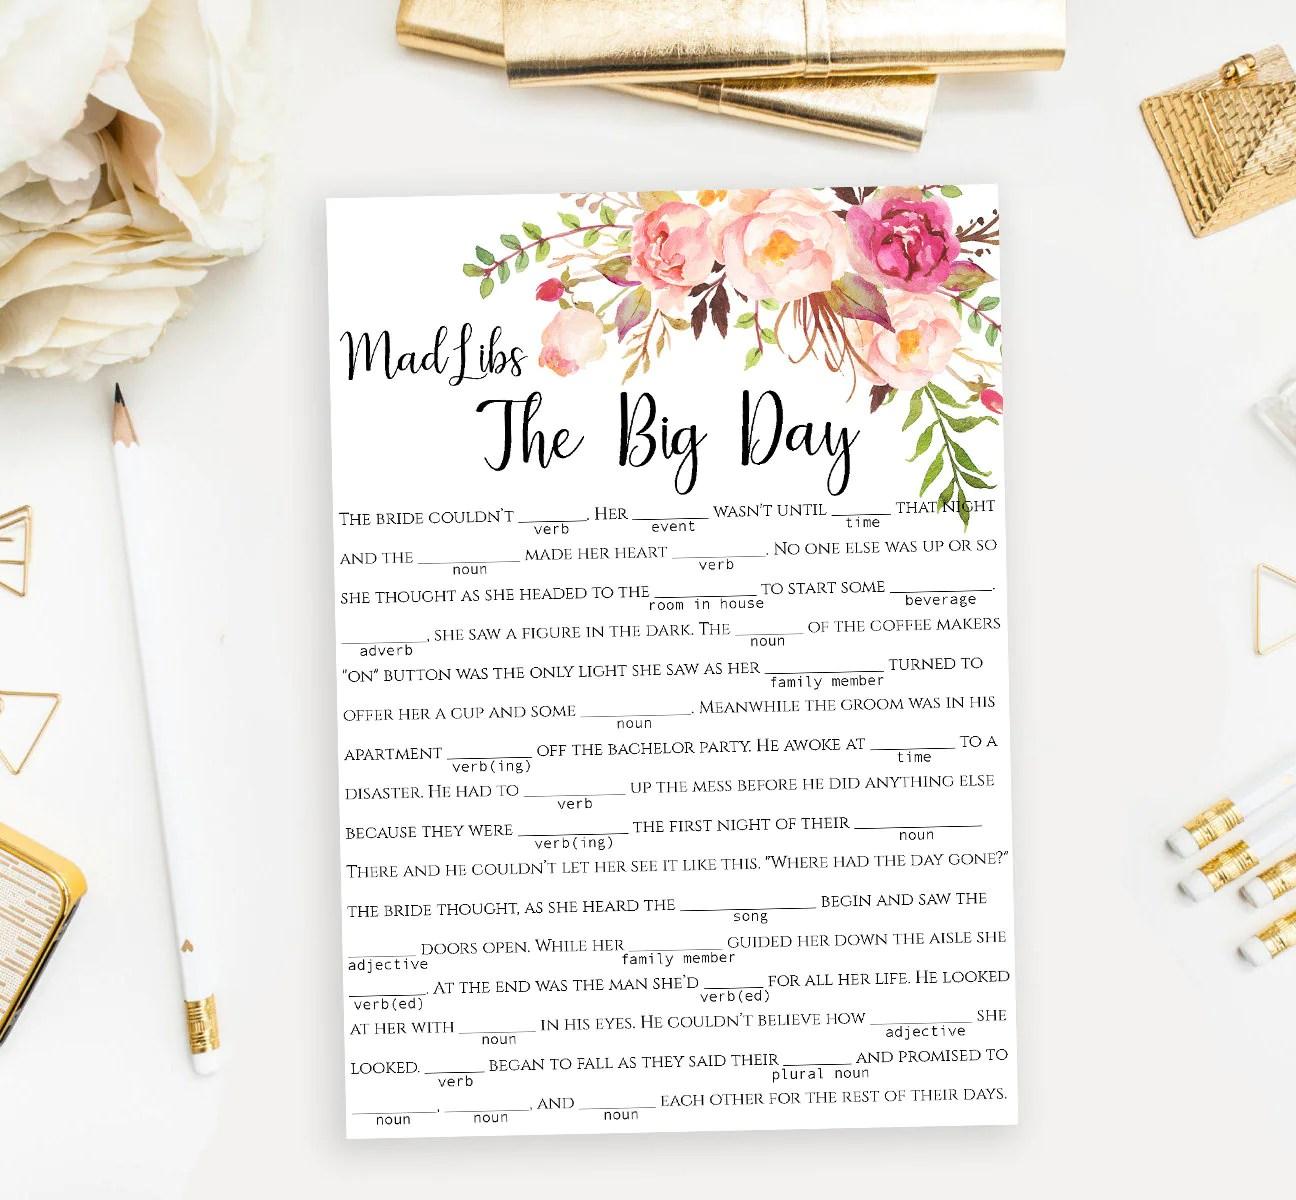 Wedding Mad Libs Story Game Printable Funny The Big